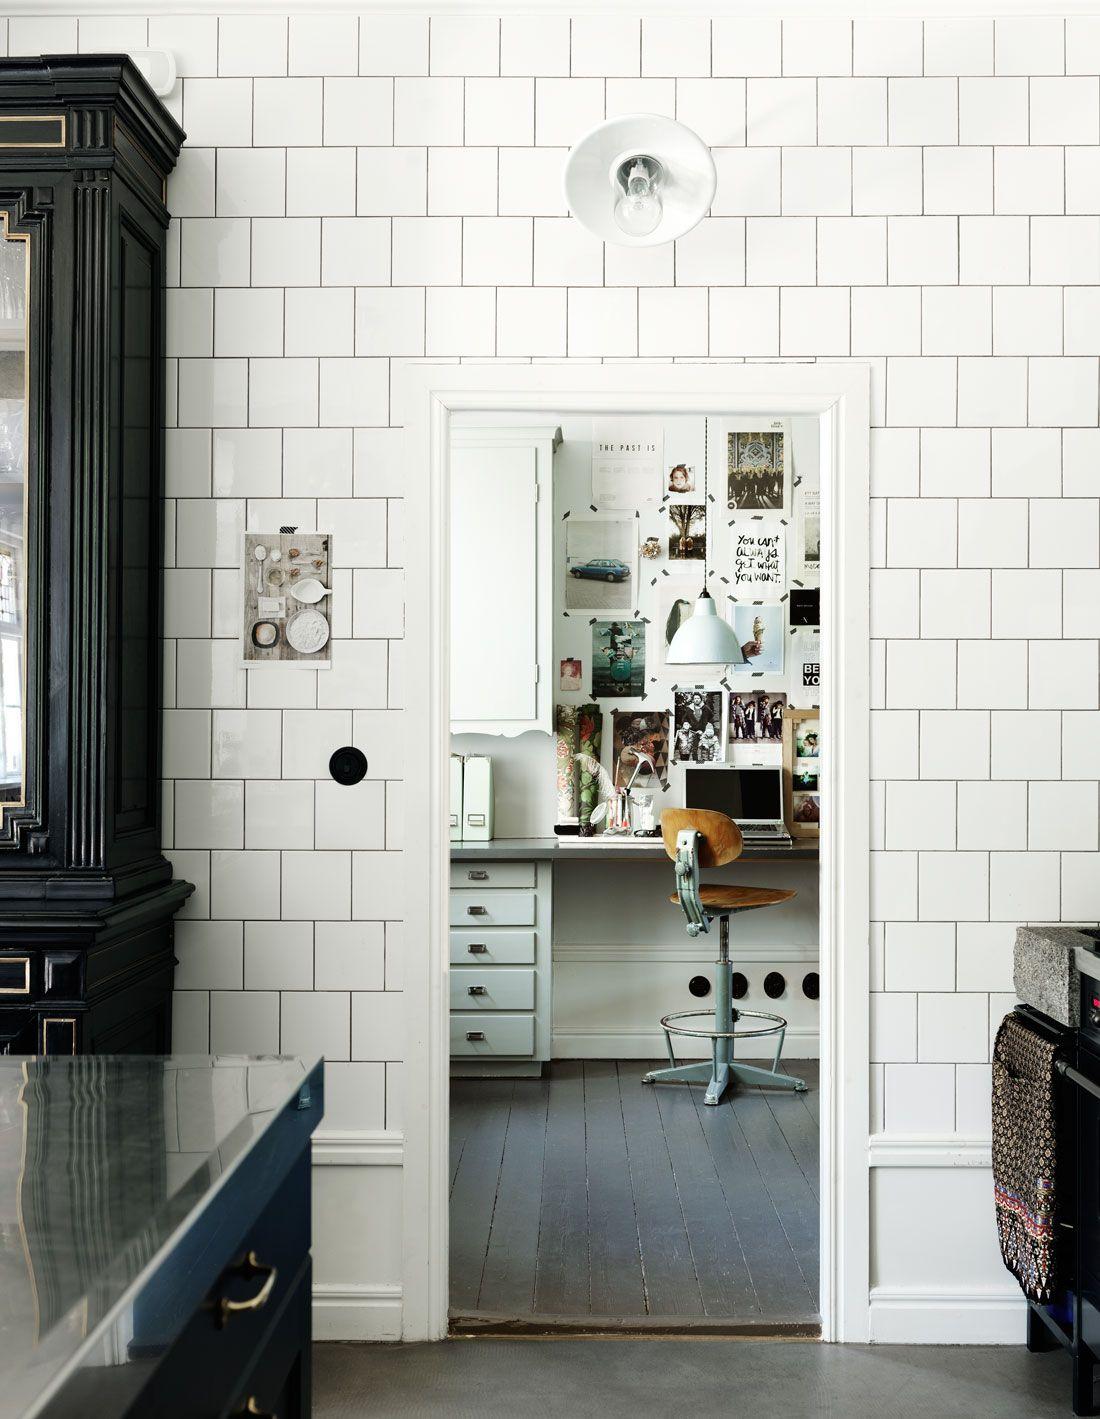 Helkaklat kök med höga golvsocklar | Inspiration gammalt hus ... : köksinredning inspiration : Inredning